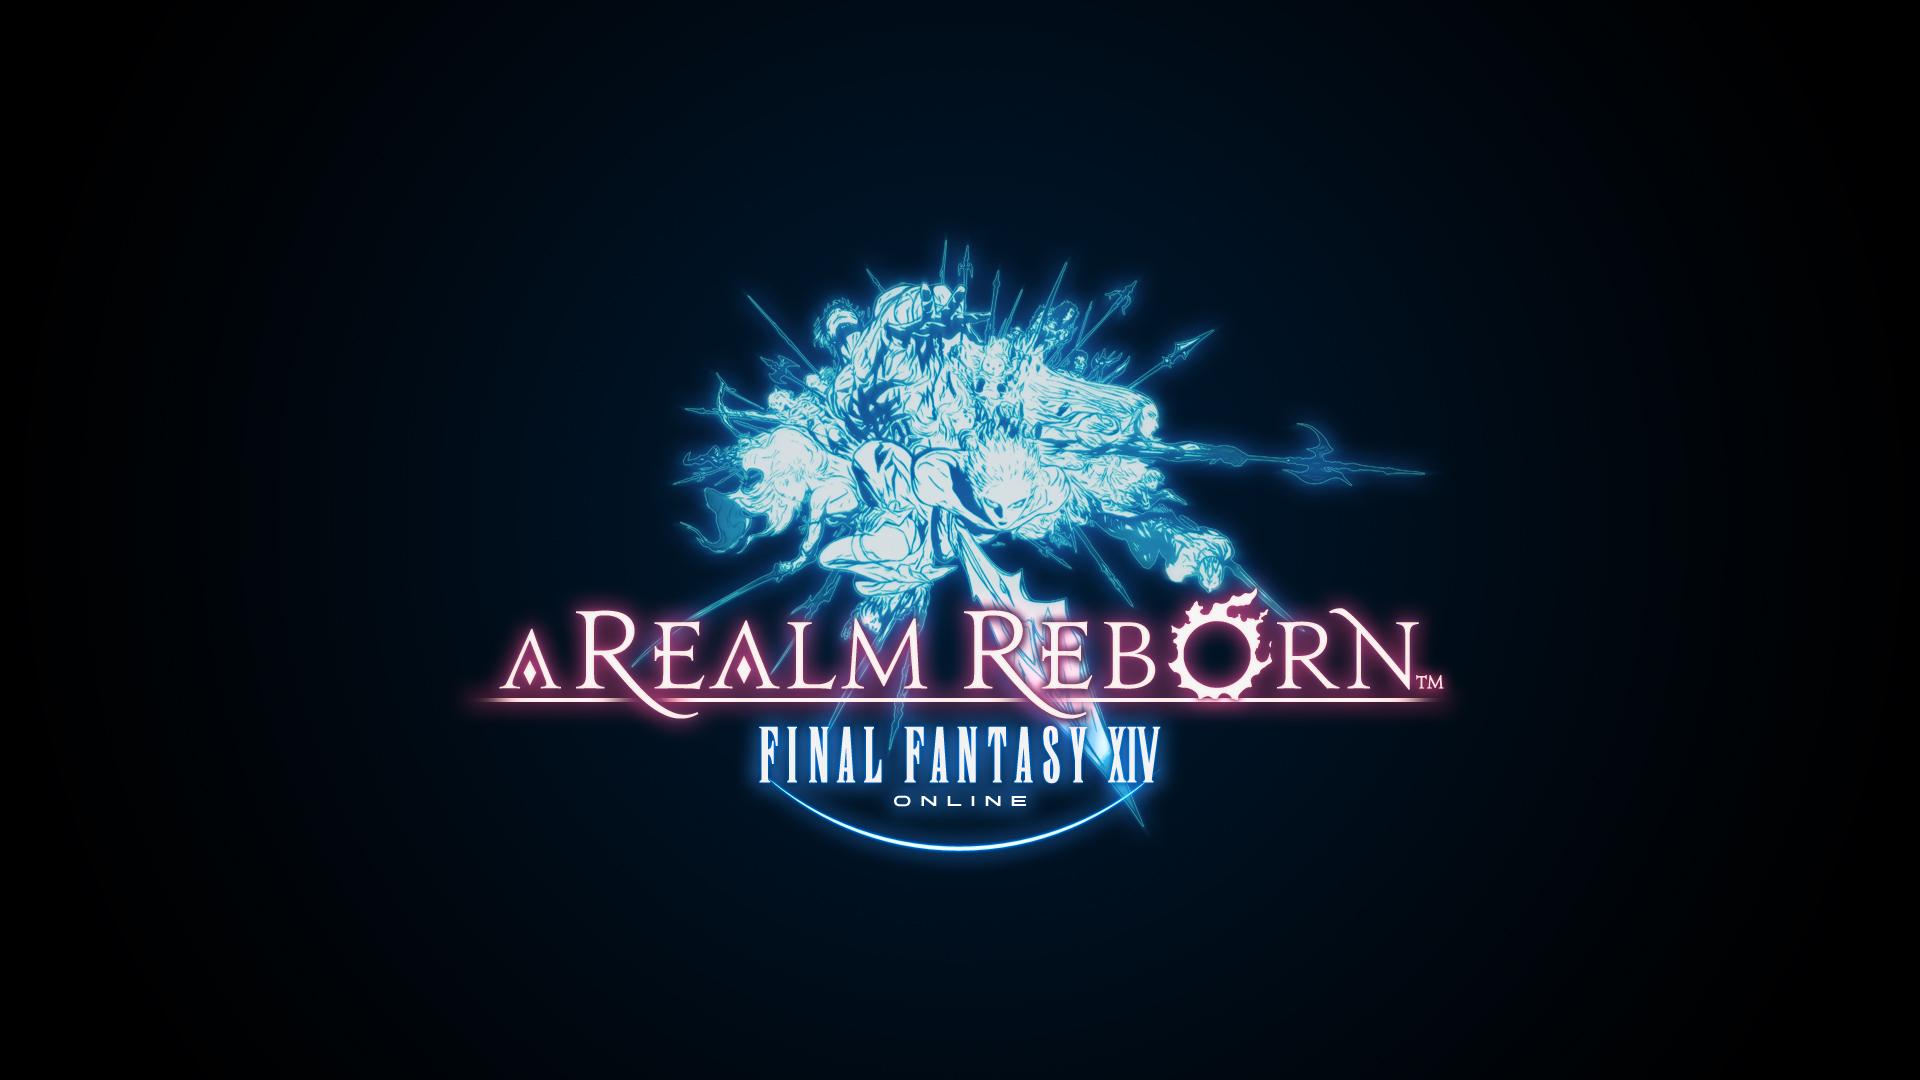 Final Fantasy XIV: A Realm Reborn – Review